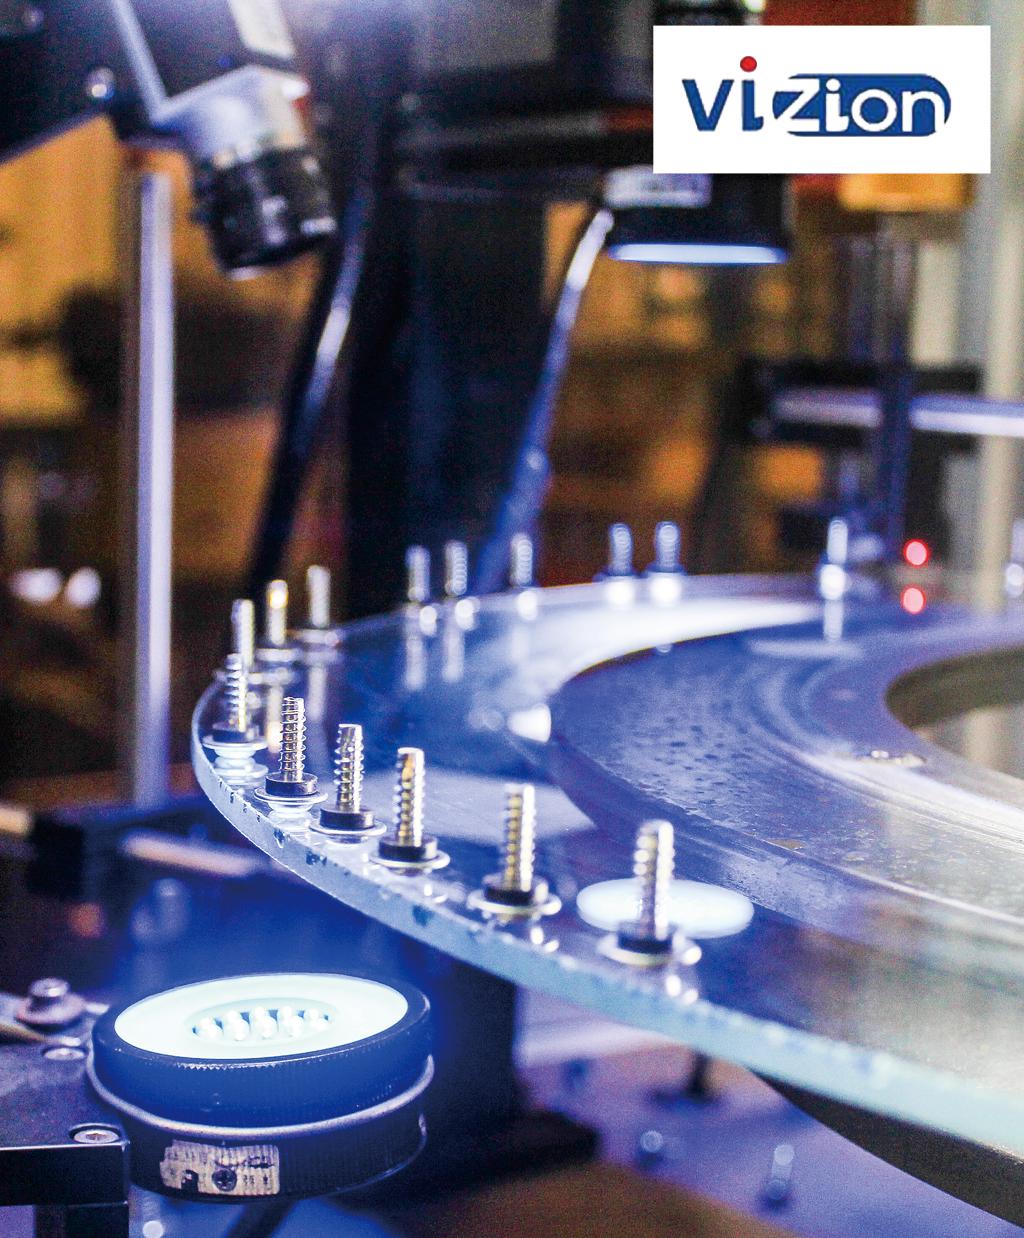 寸法や異常形状など300〜800個/分の検査を実現する高速自動選別機「VIZION」